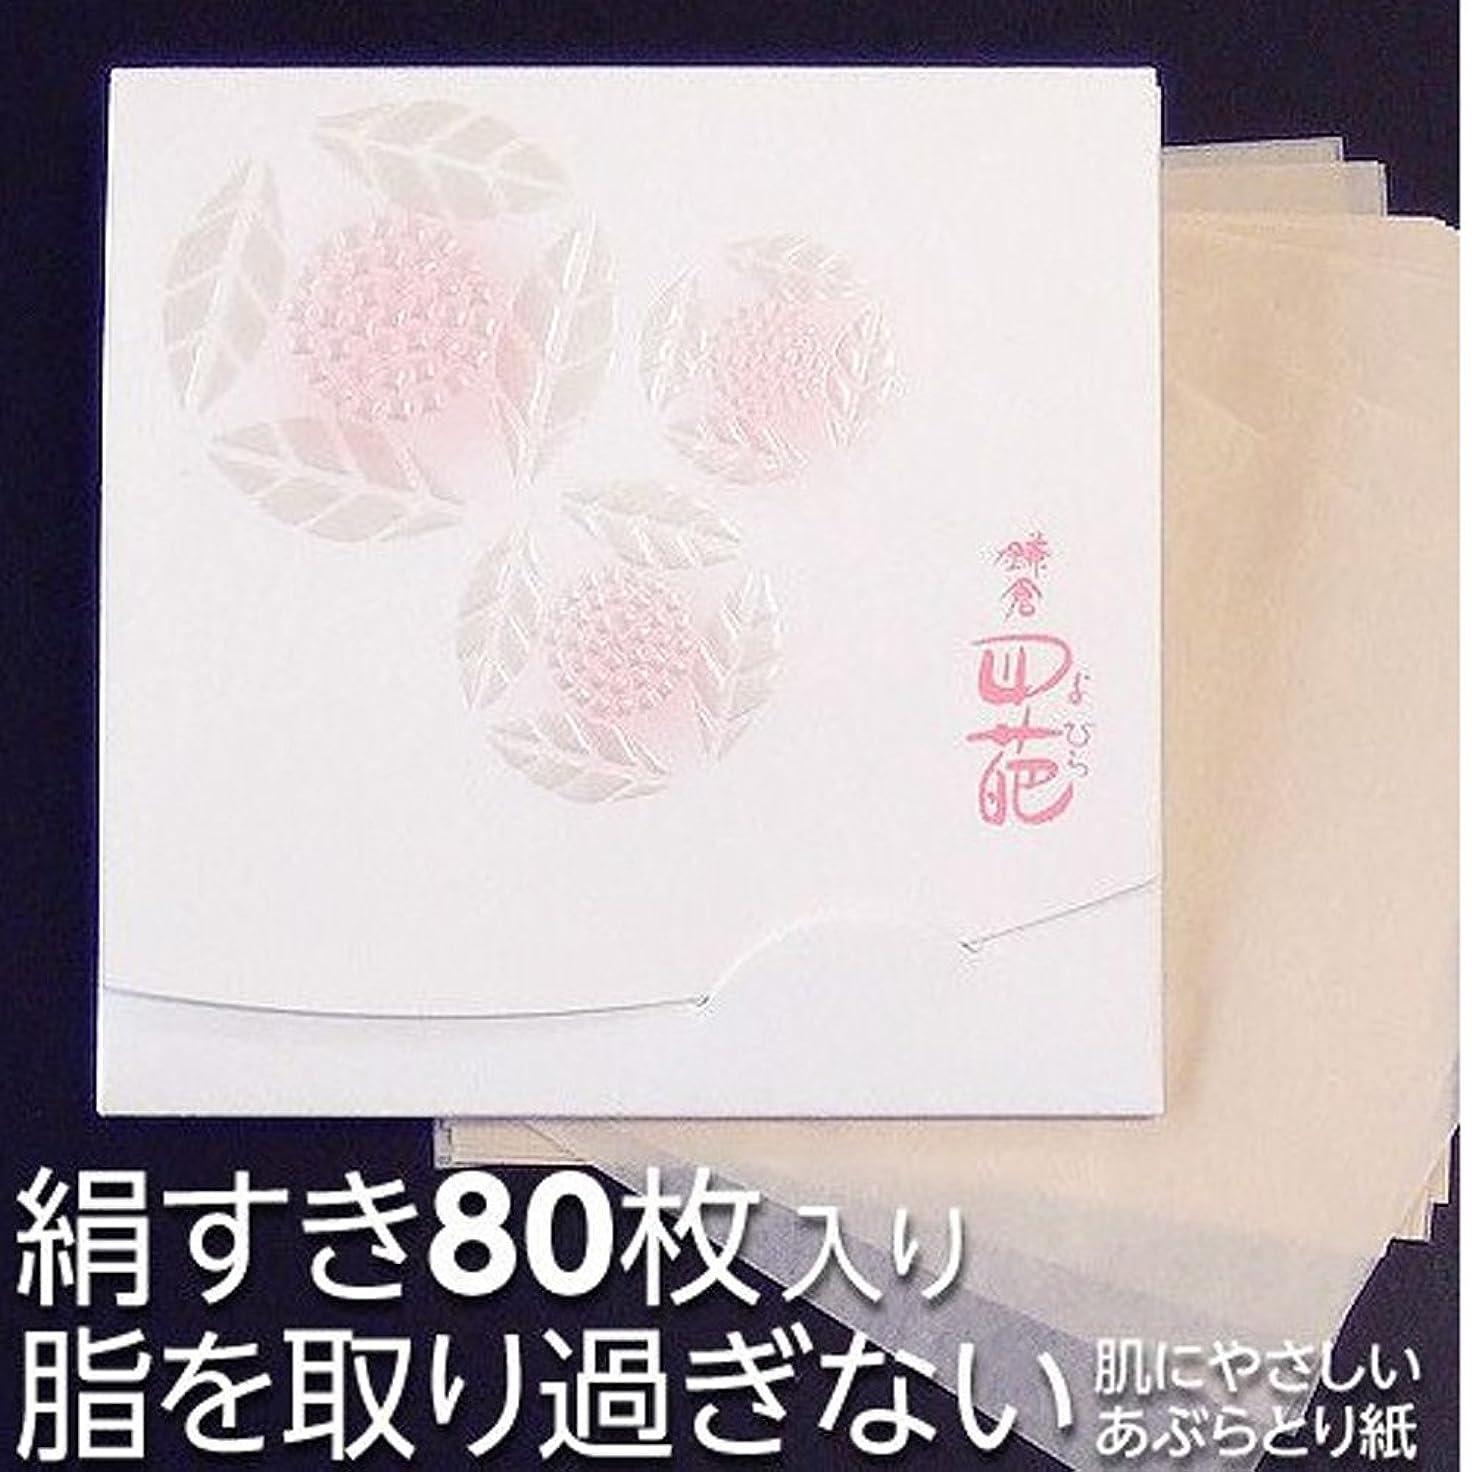 構想する予測子甲虫80枚入り よひらケース「絹すき」 方形????